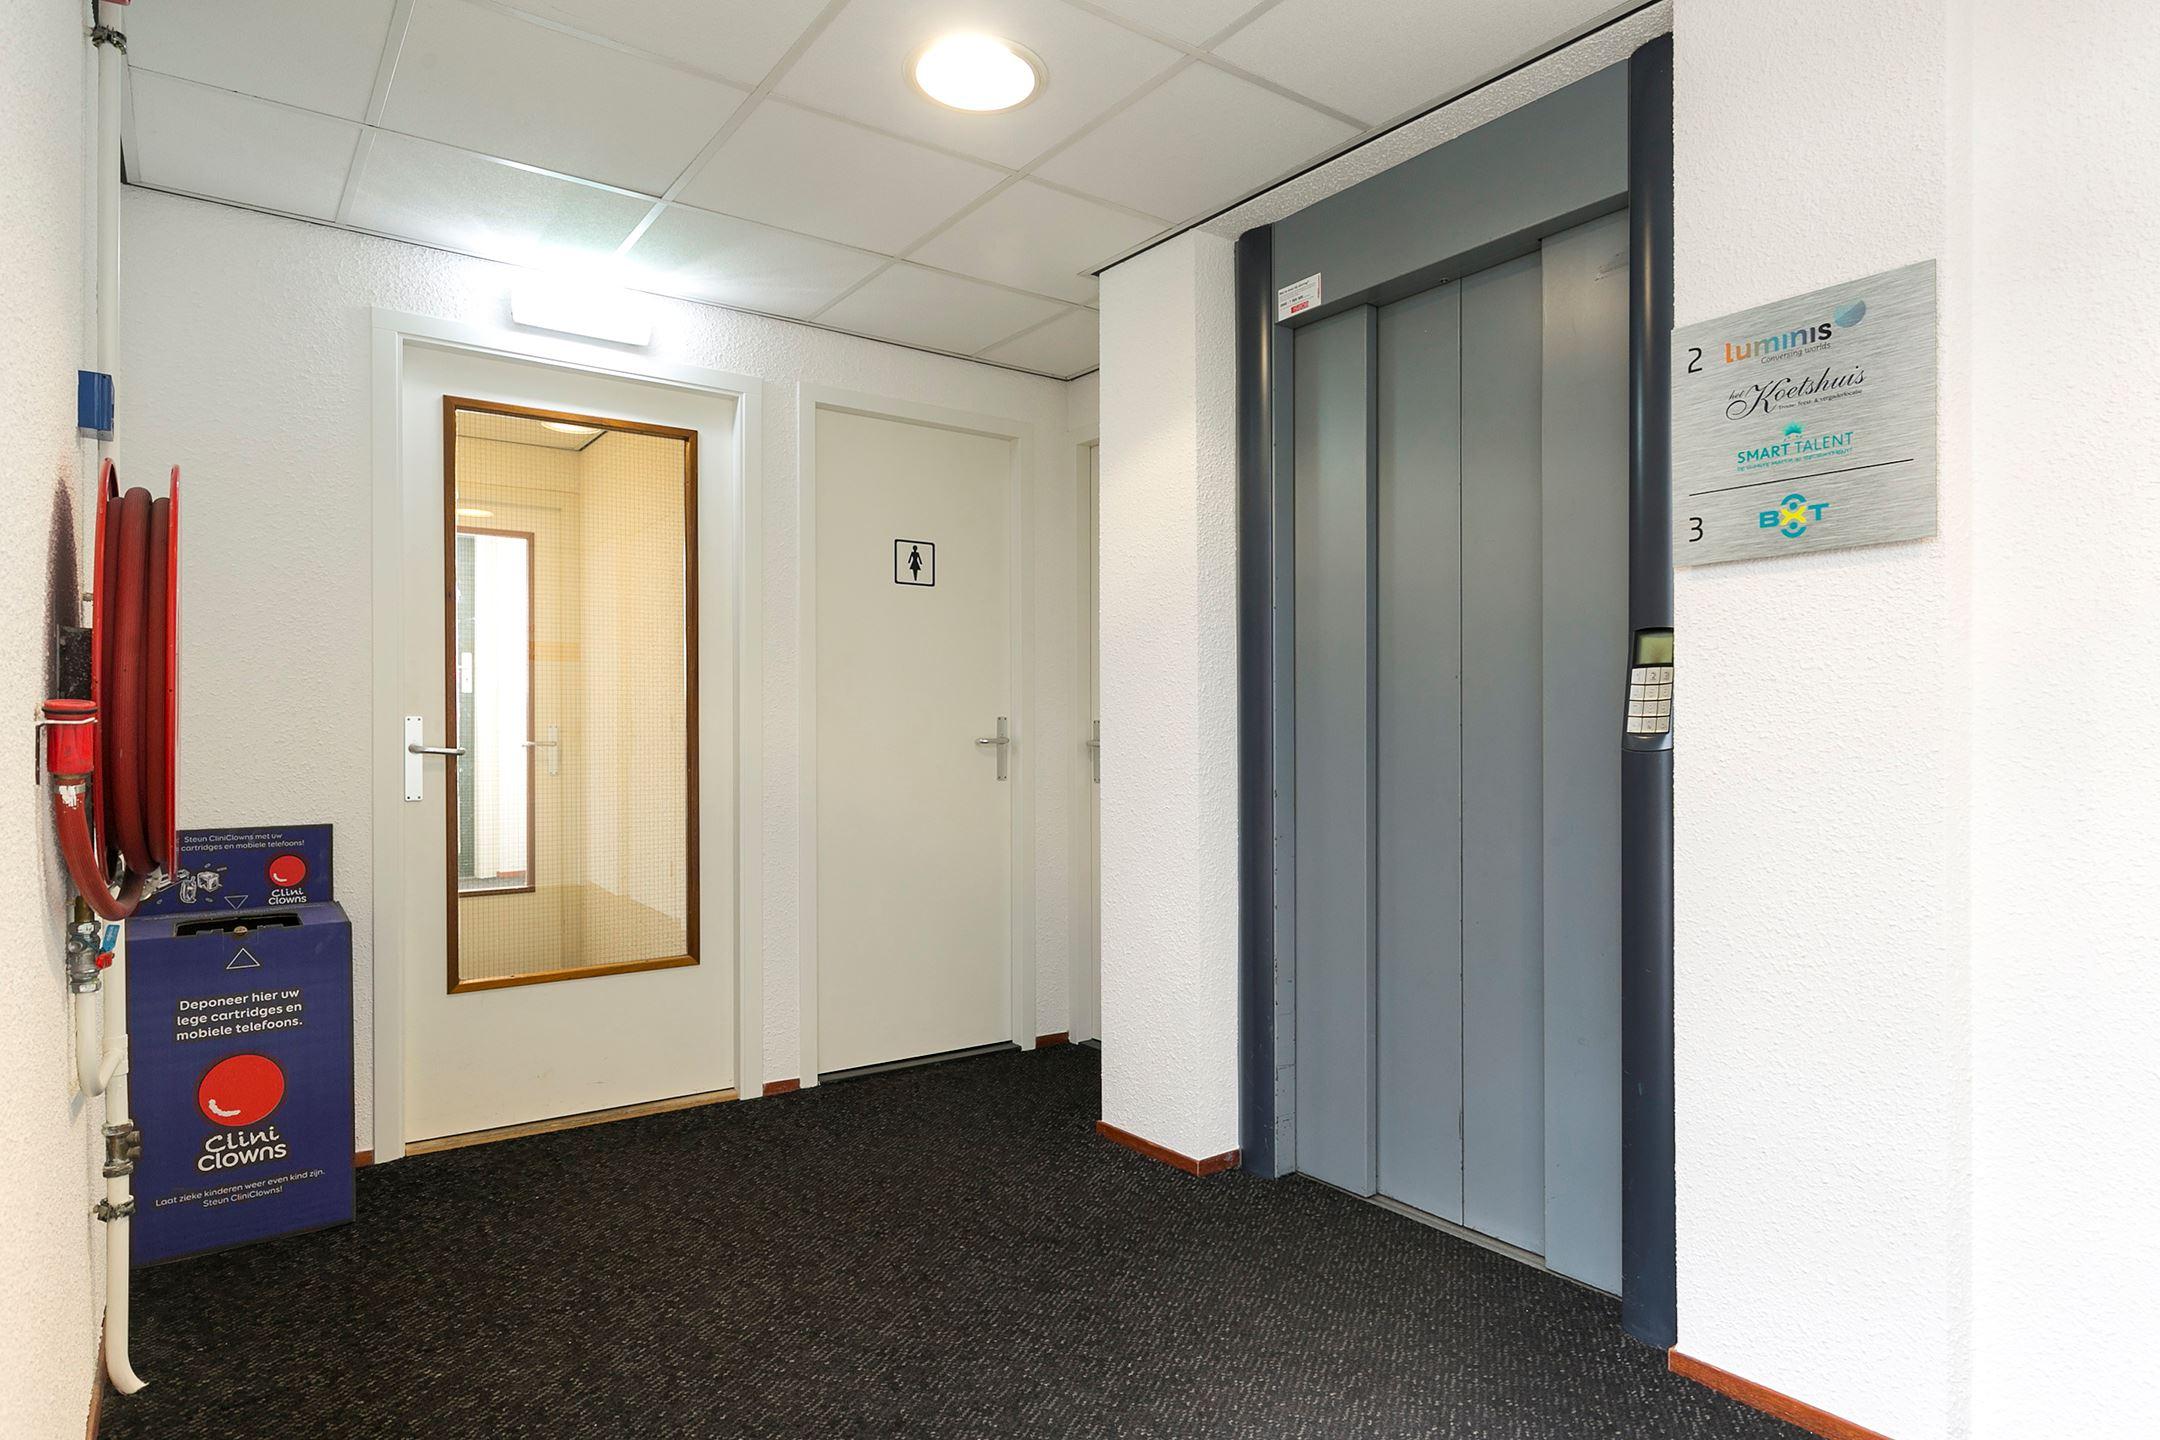 Mobiel Kantoor Huren : Kantoor rotterdam zoek kantoren te huur: kasteelweg 51 53 3077 bn